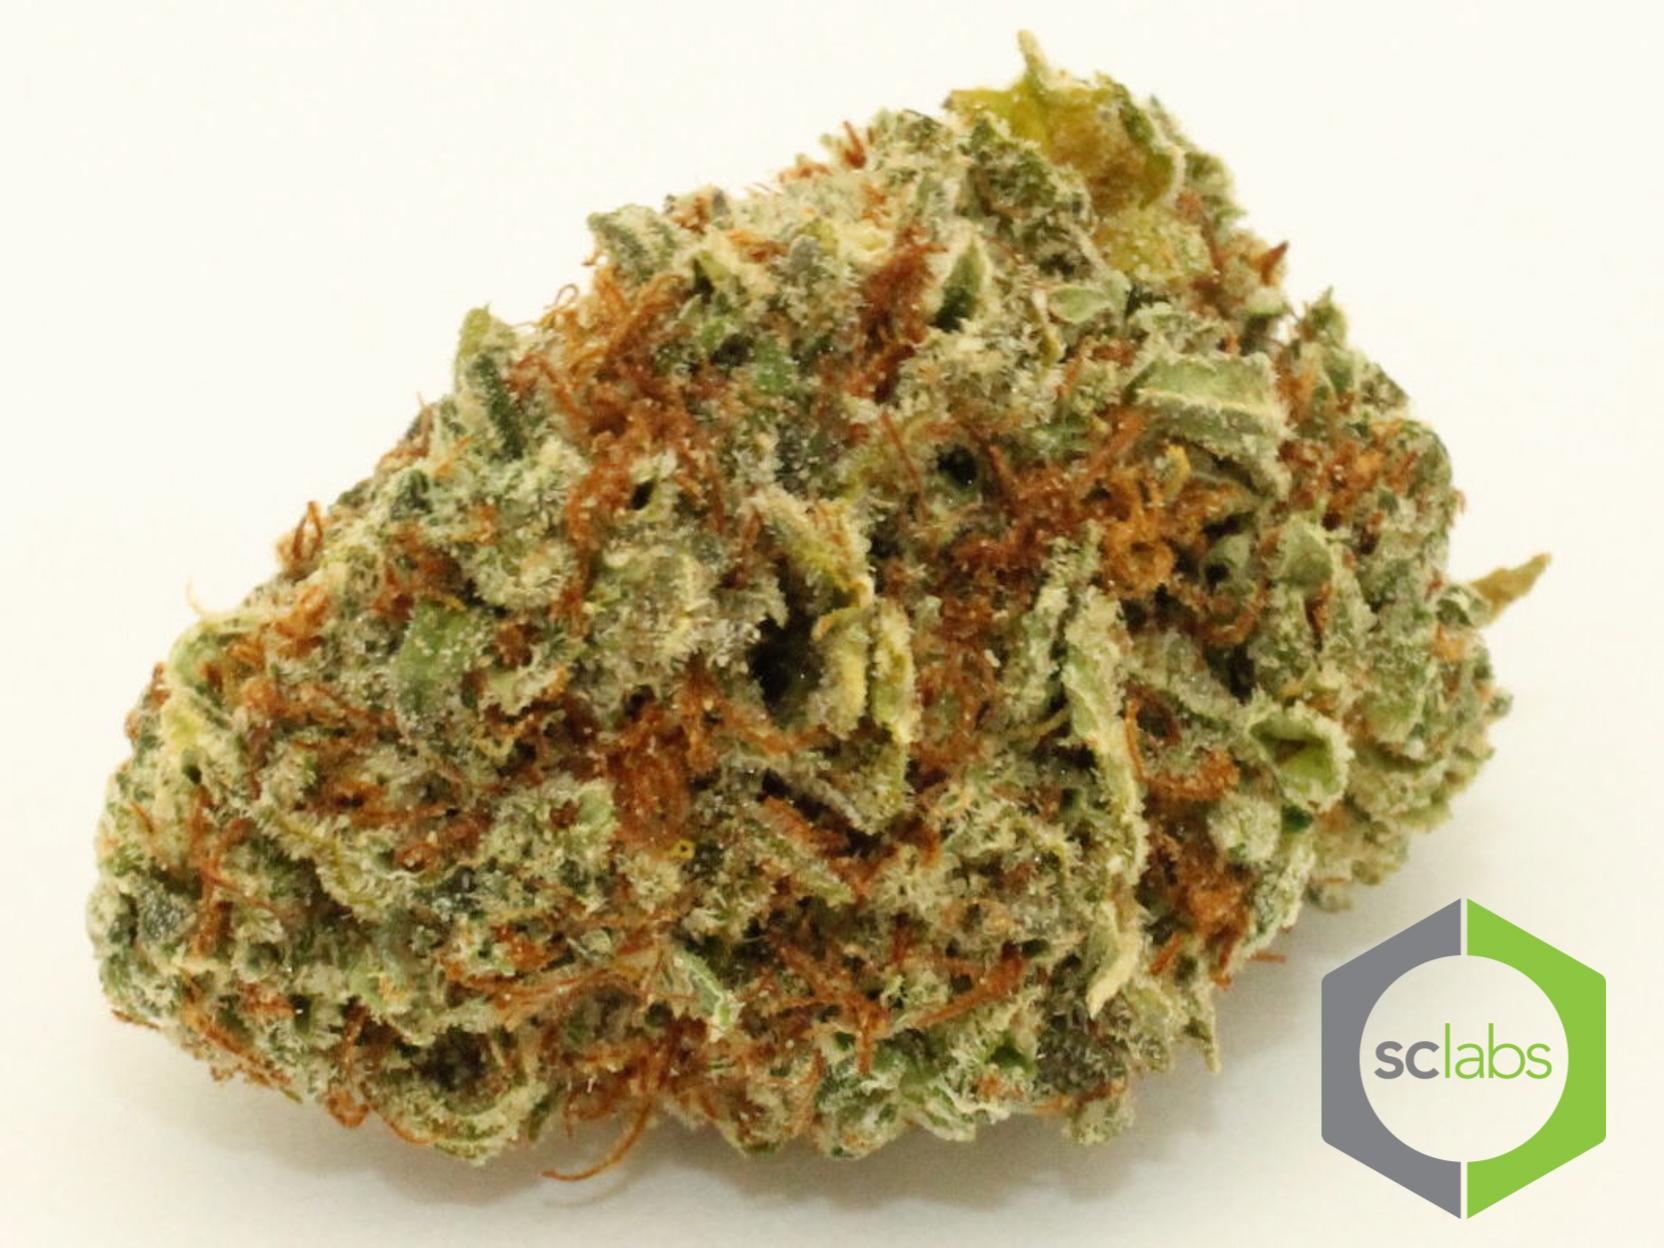 halo-og-cannabis